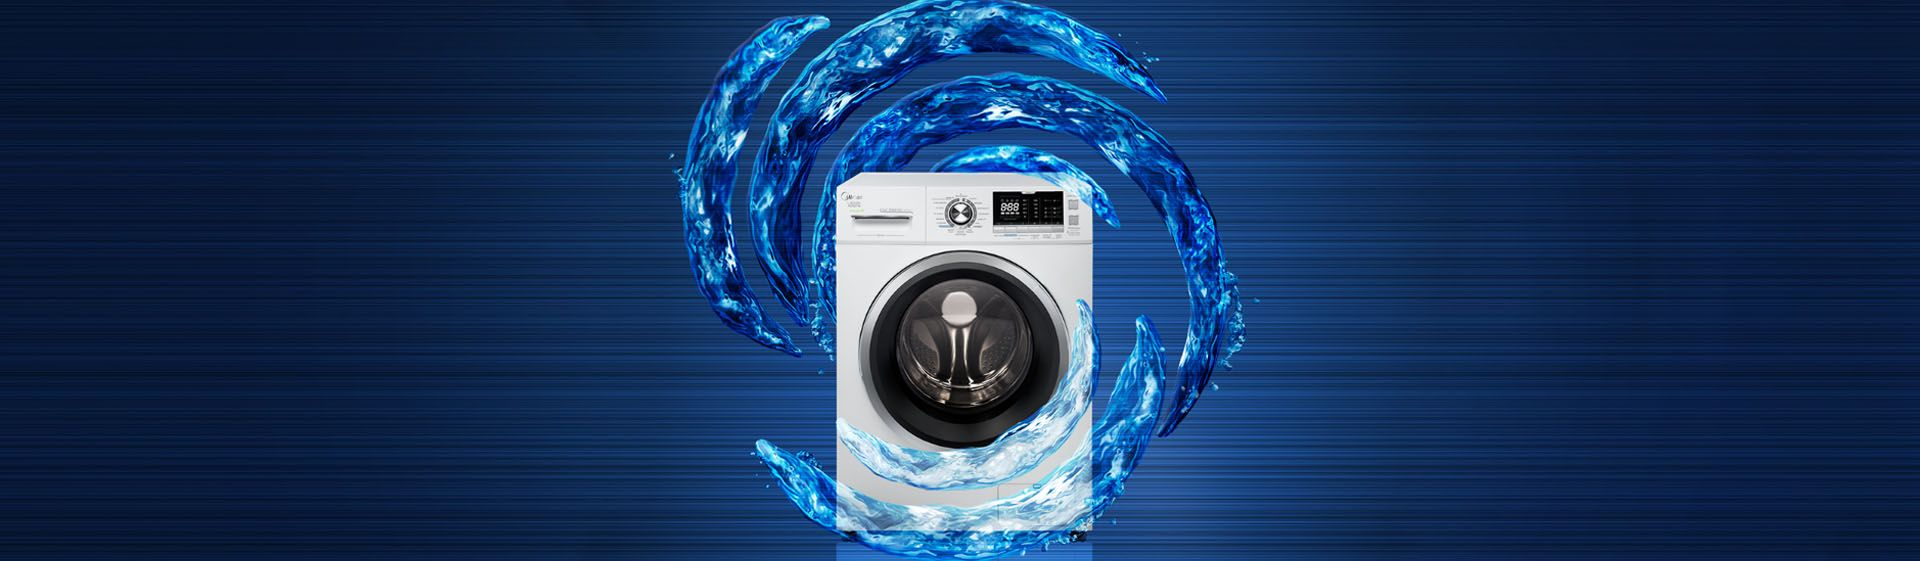 Lava e seca Midea é boa? Confira os prós e contras da linha Storm Wash